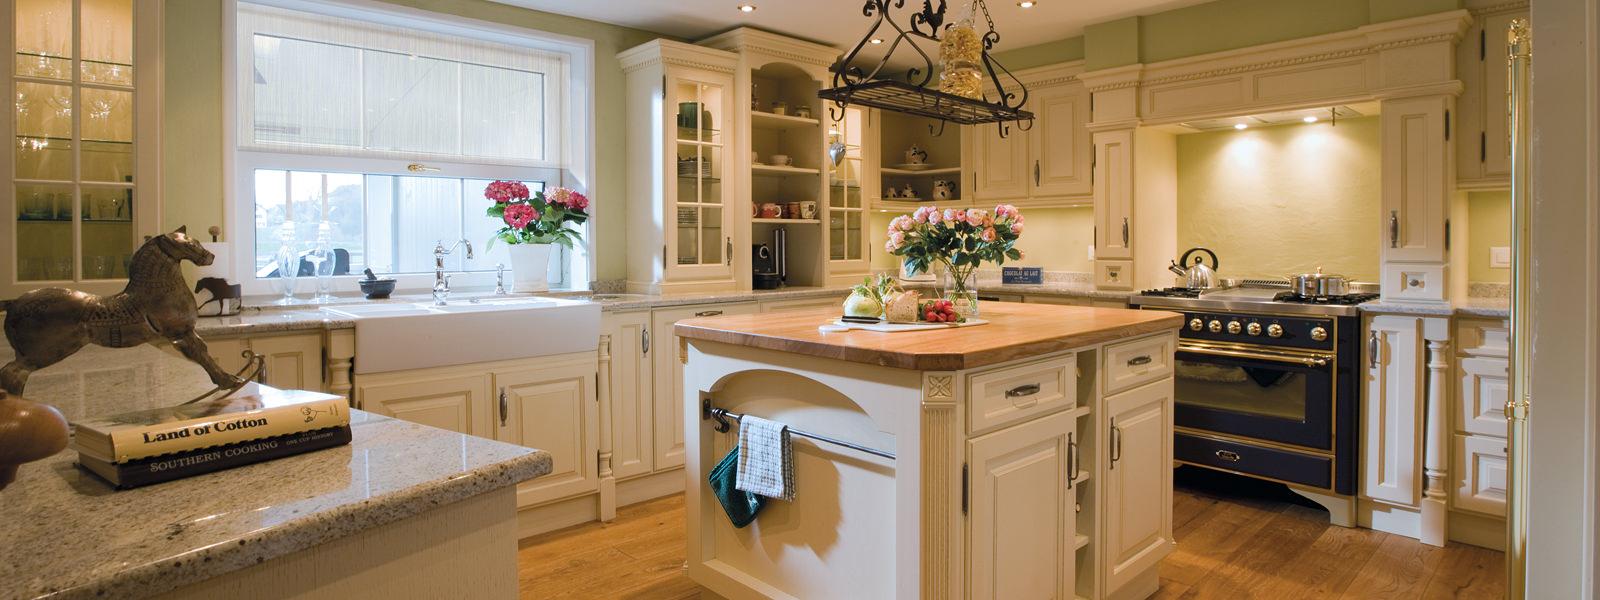 Full Size of Landhausküche Klassische Landhauskchen Und Englische Weisse Gebraucht Grau Weiß Moderne Küche Landhausküche